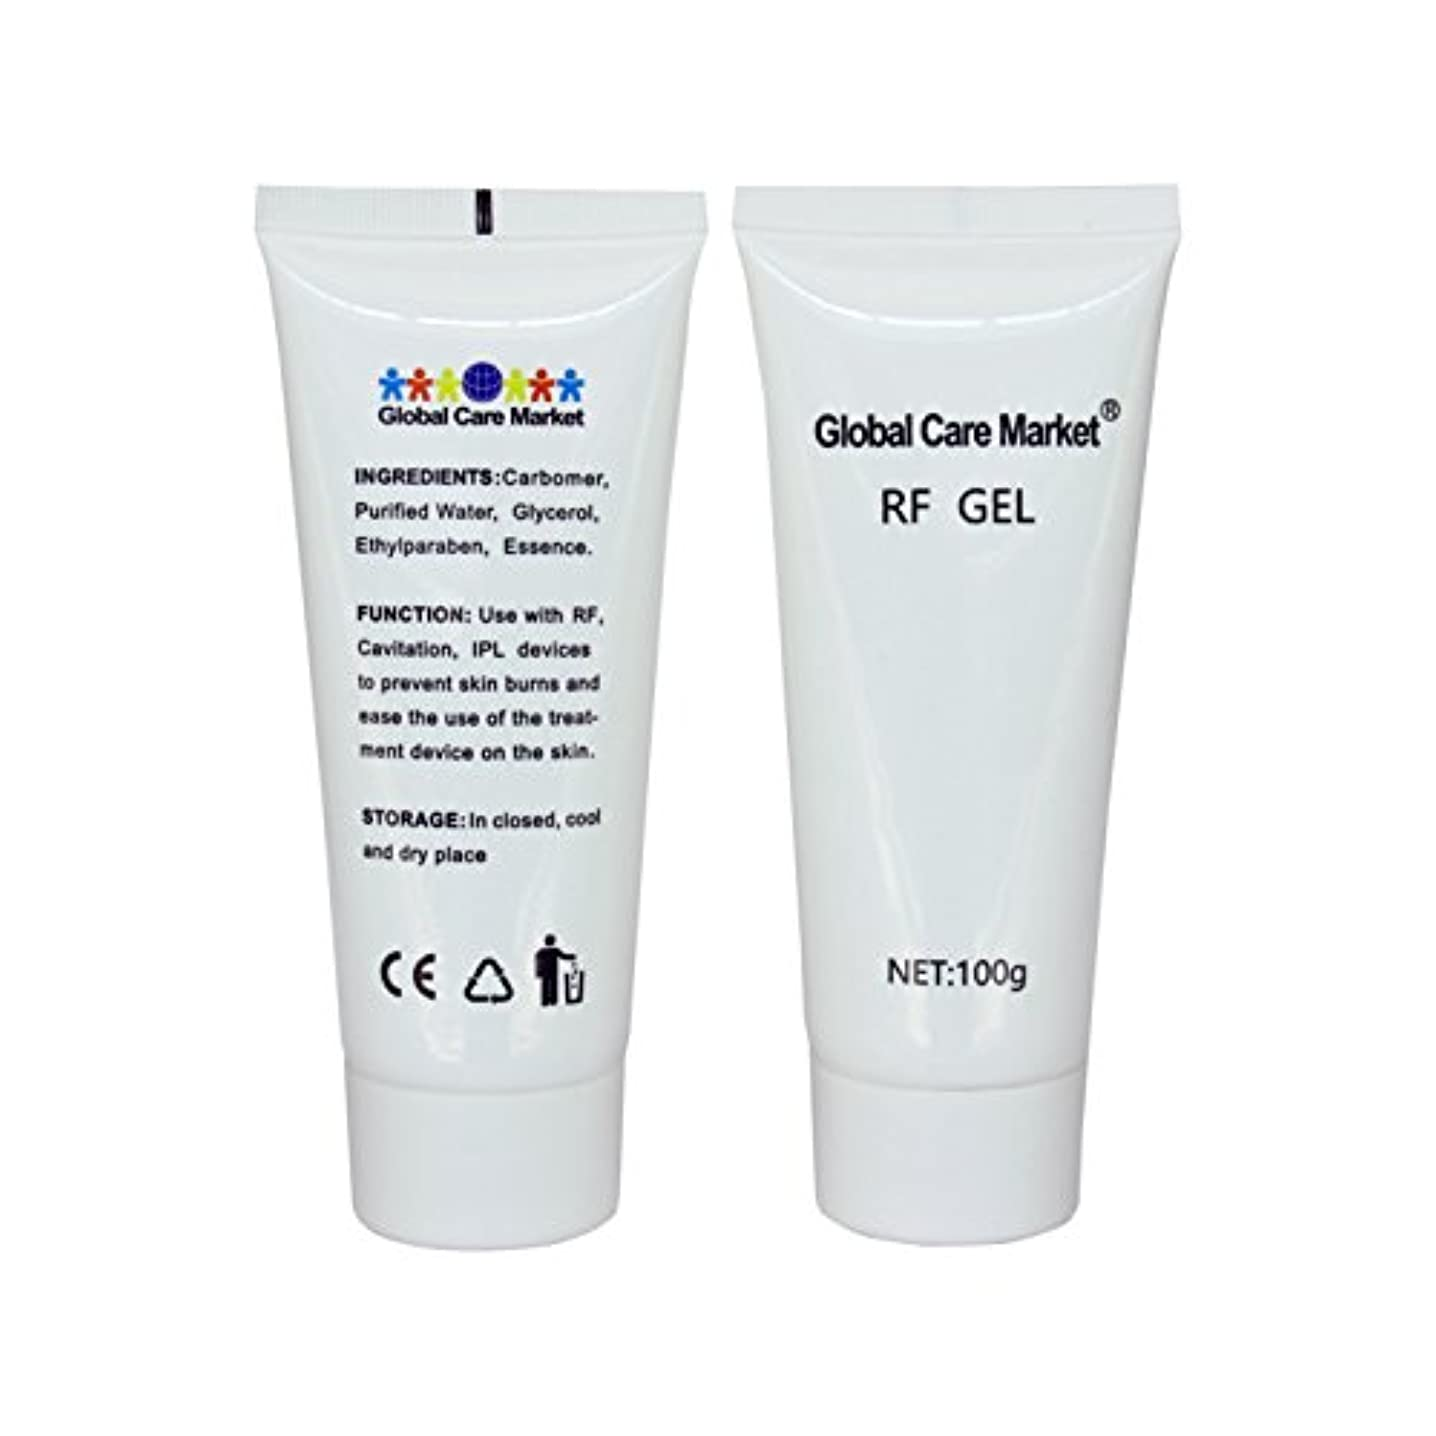 事業大事にする単位RF GEL(2 Pack) - 高周波治療装置に使用する皮膚冷却および潤滑です